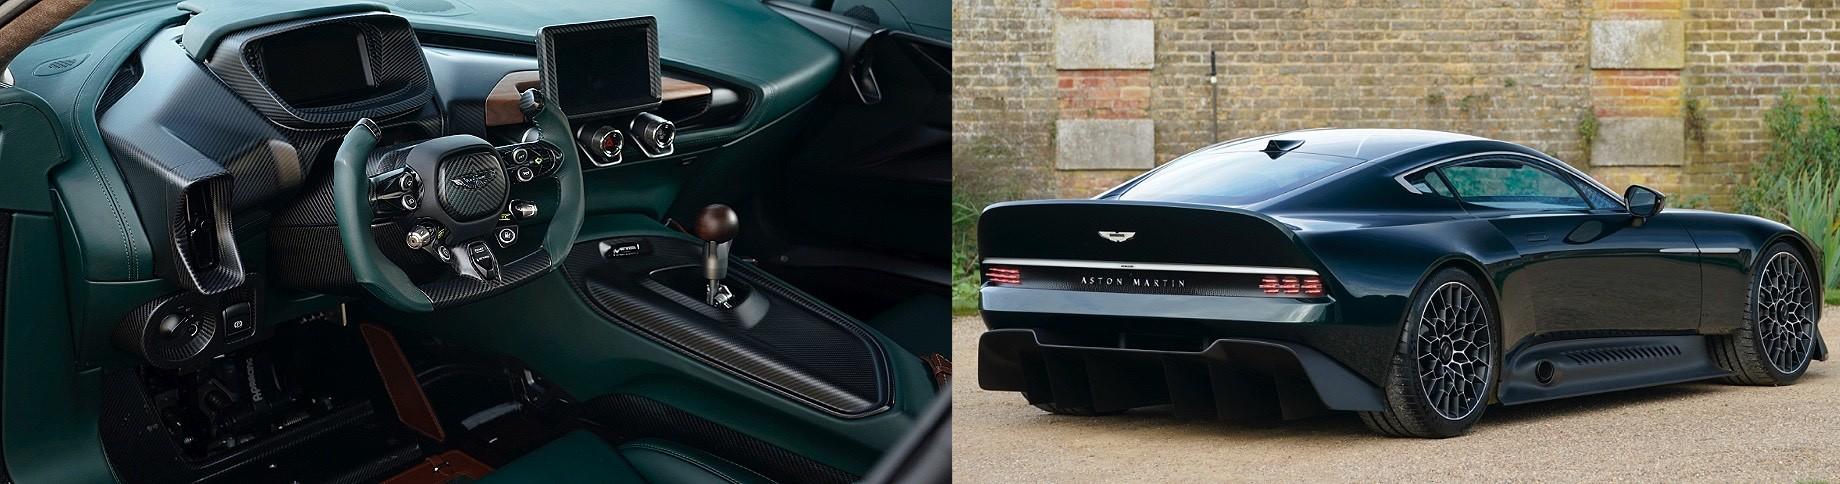 Гиперкар Aston Martin Victor получил необычный силовой агрегат